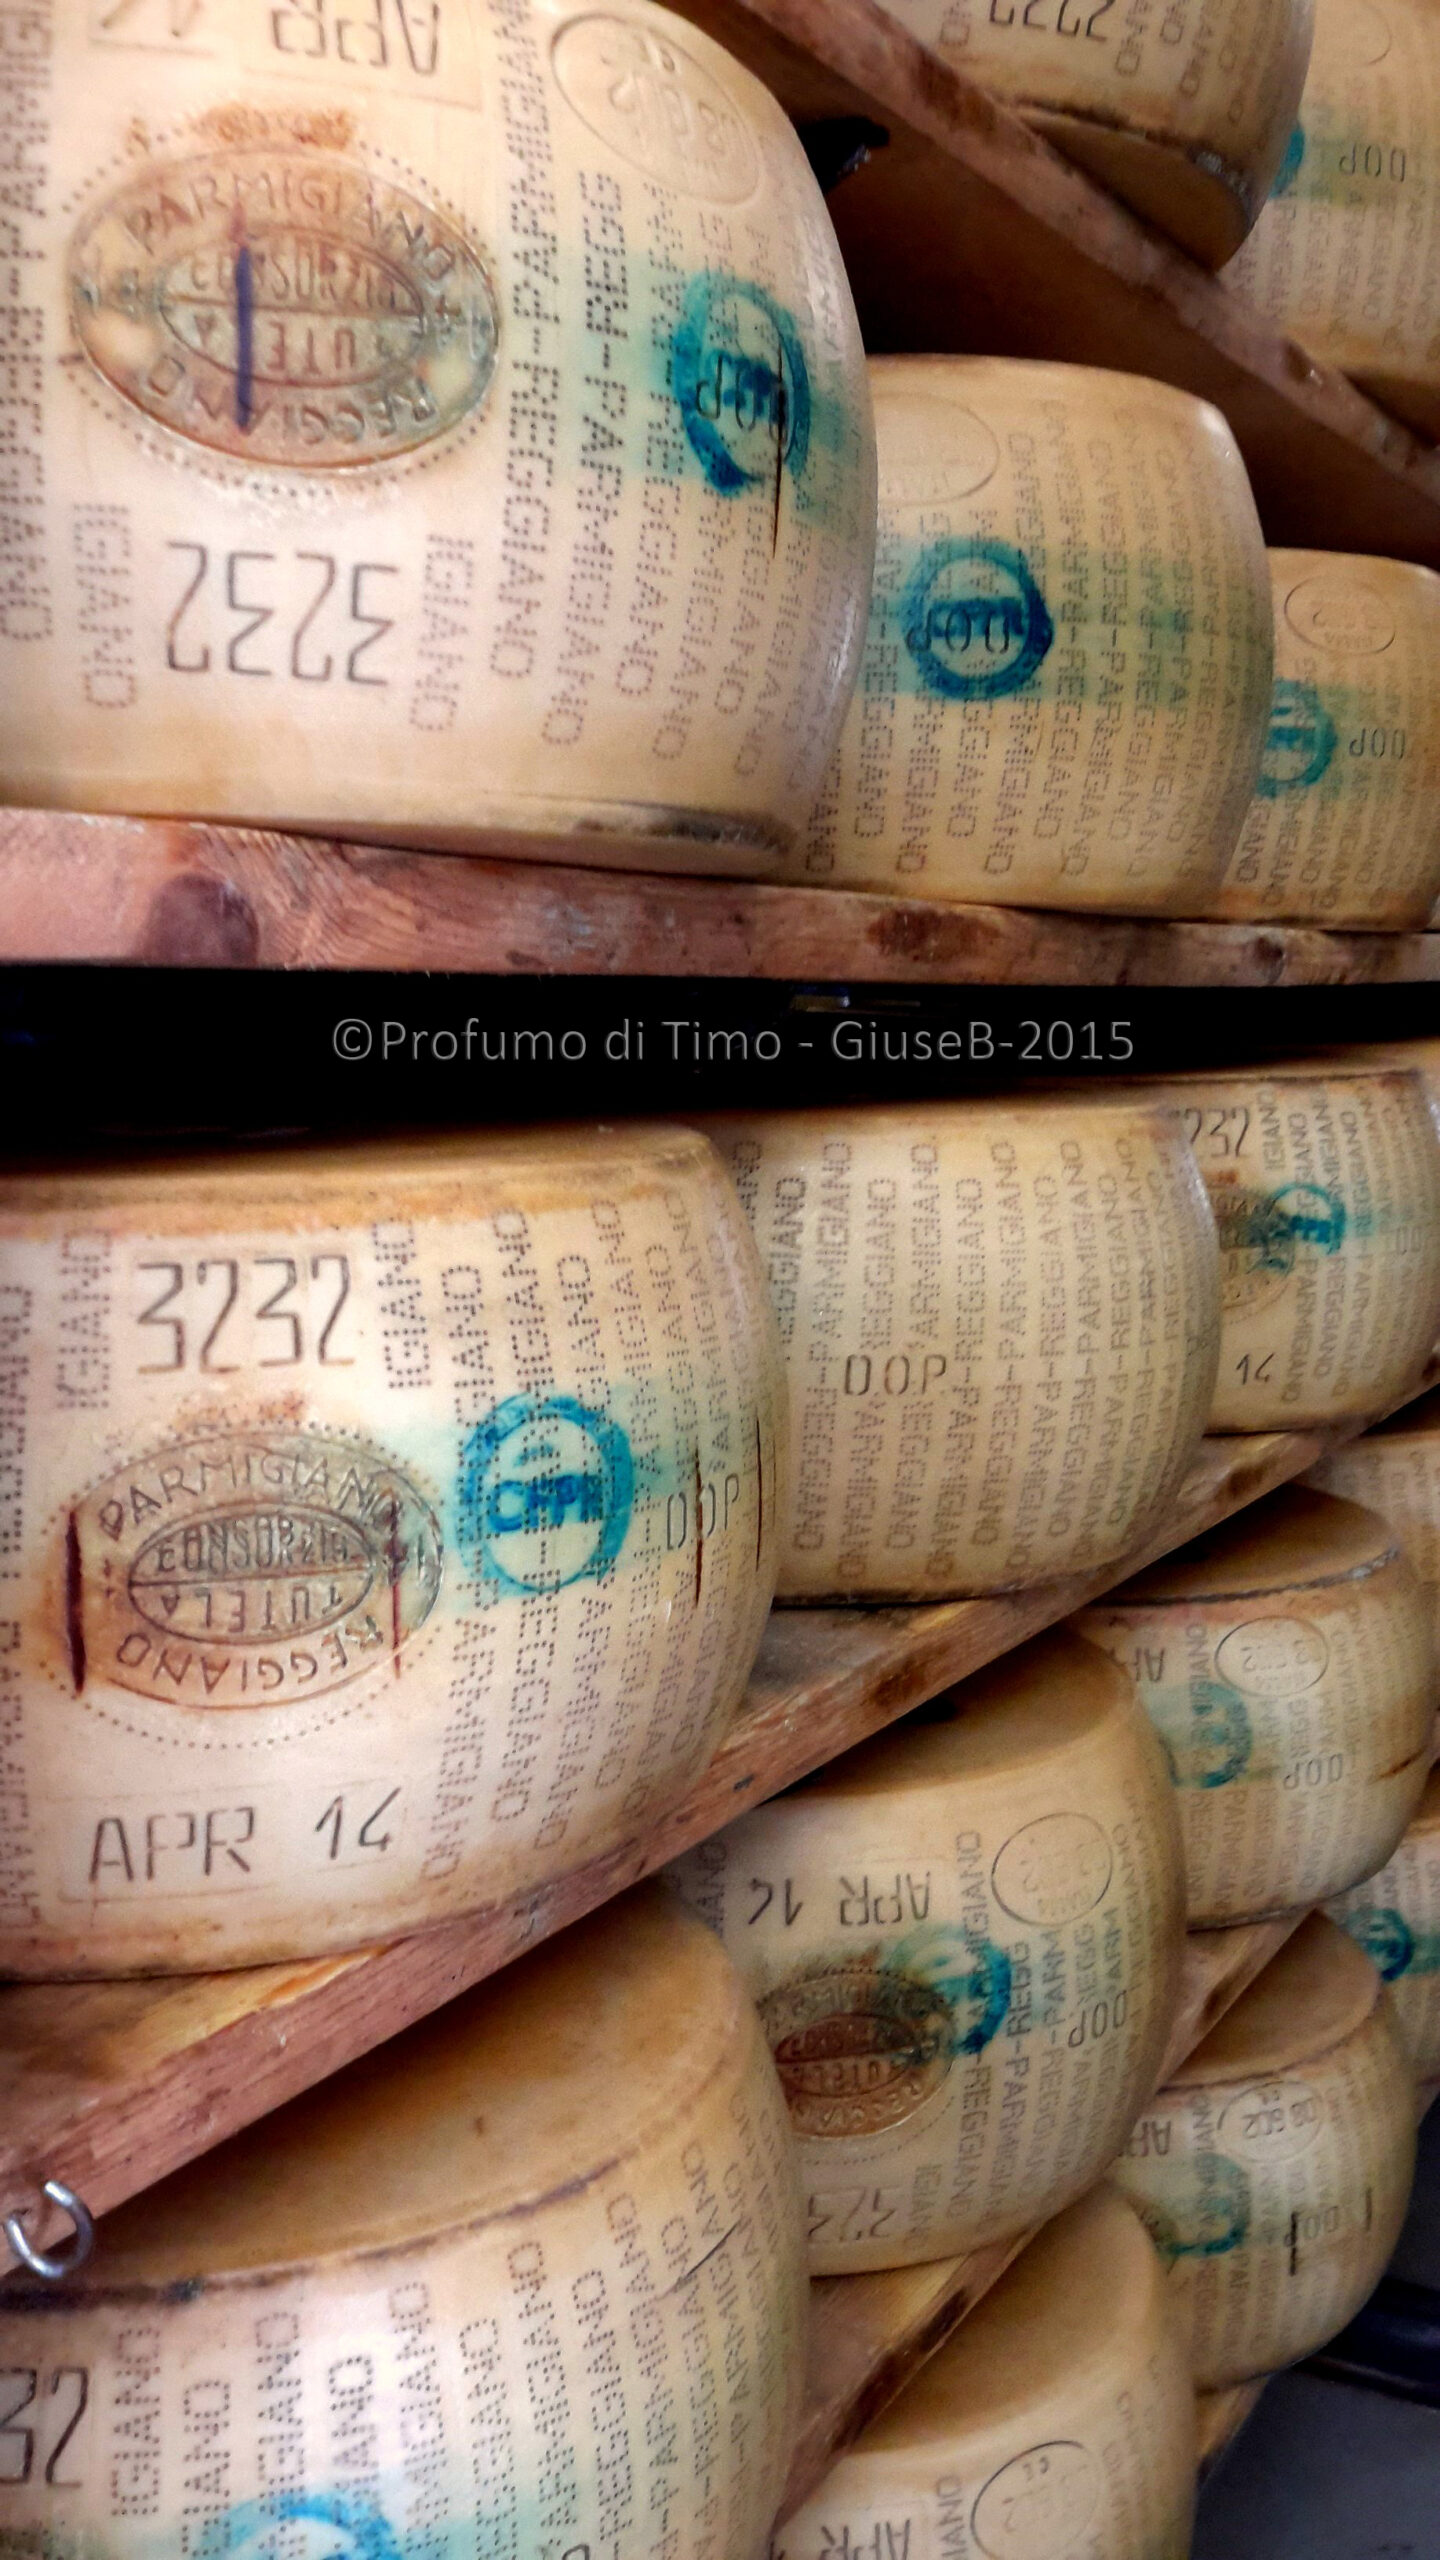 FACCIA PIATTA & SCALZO APPENA CONVESSO. Alla scoperta del Parmigiano Reggiano – Anteprima #caseificiaperti 2015